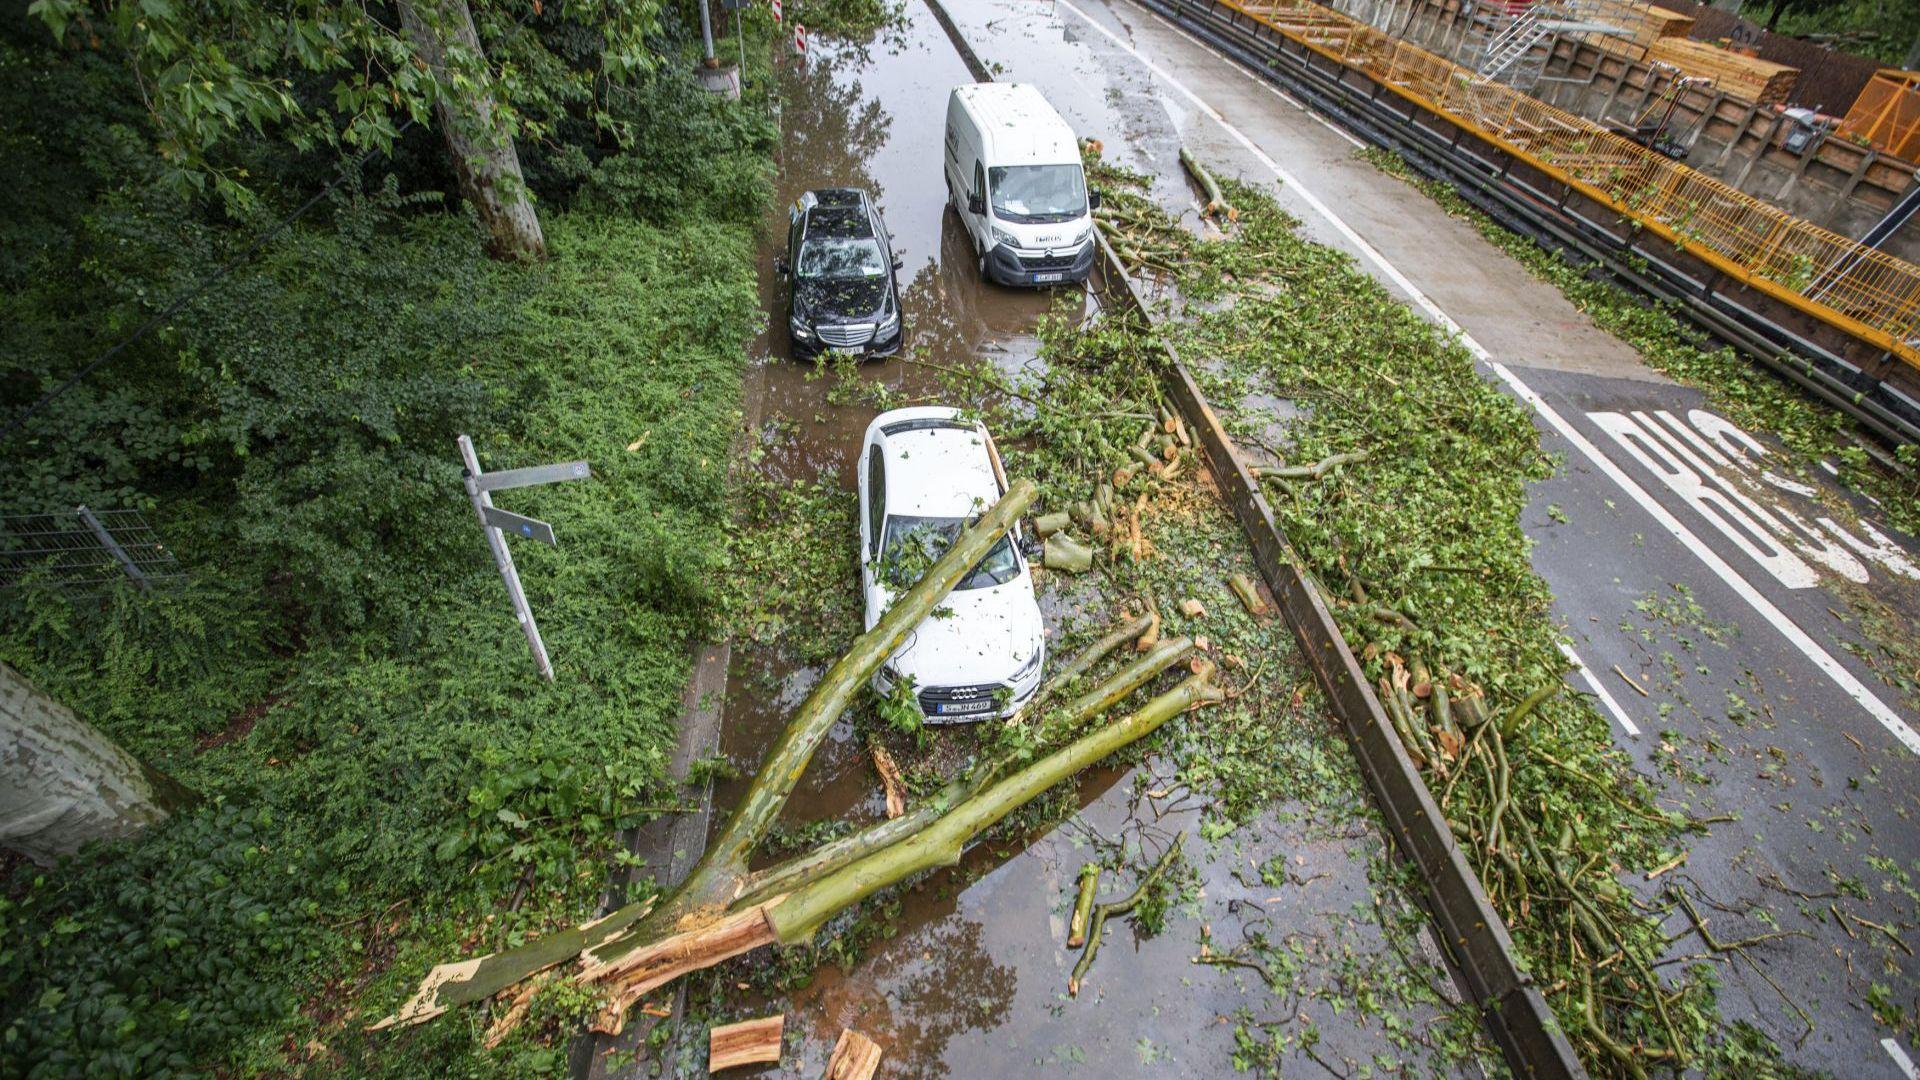 Буря с ураганни ветрове нанесе големи щети в Германия (снимки)